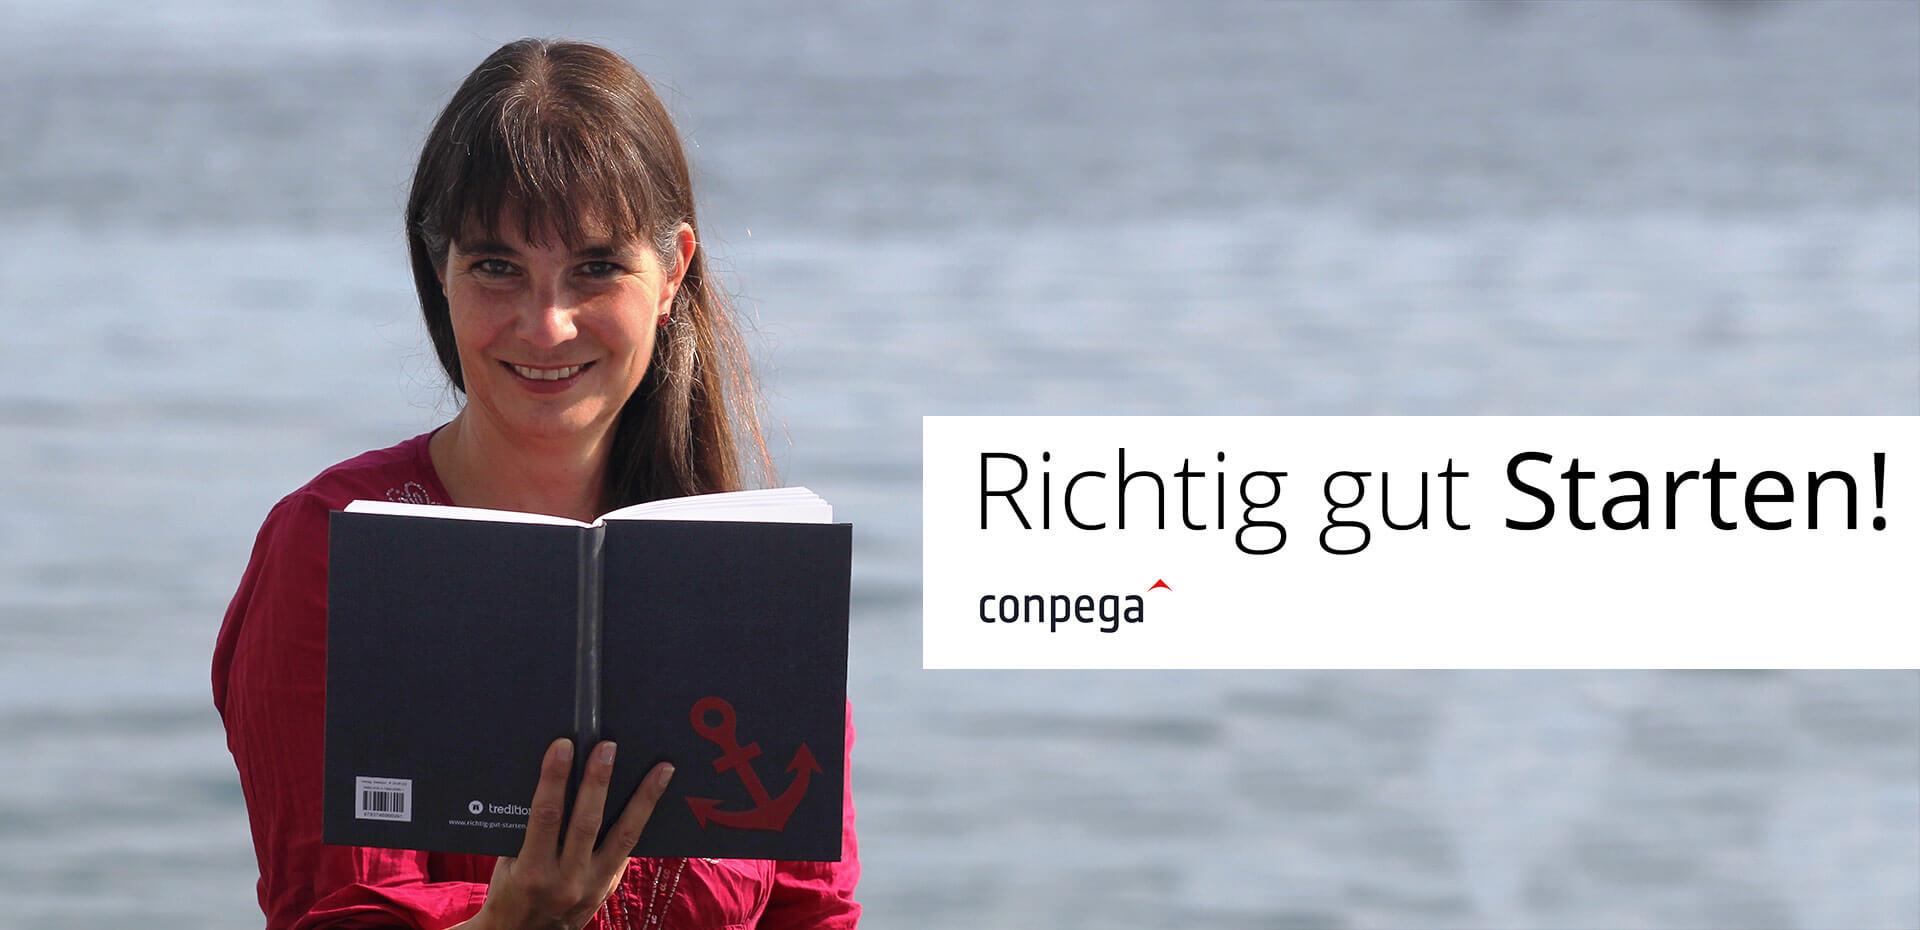 Onloarding Arbeitsbuch Richtig gut Starte! von der Autorin Christina Kruse